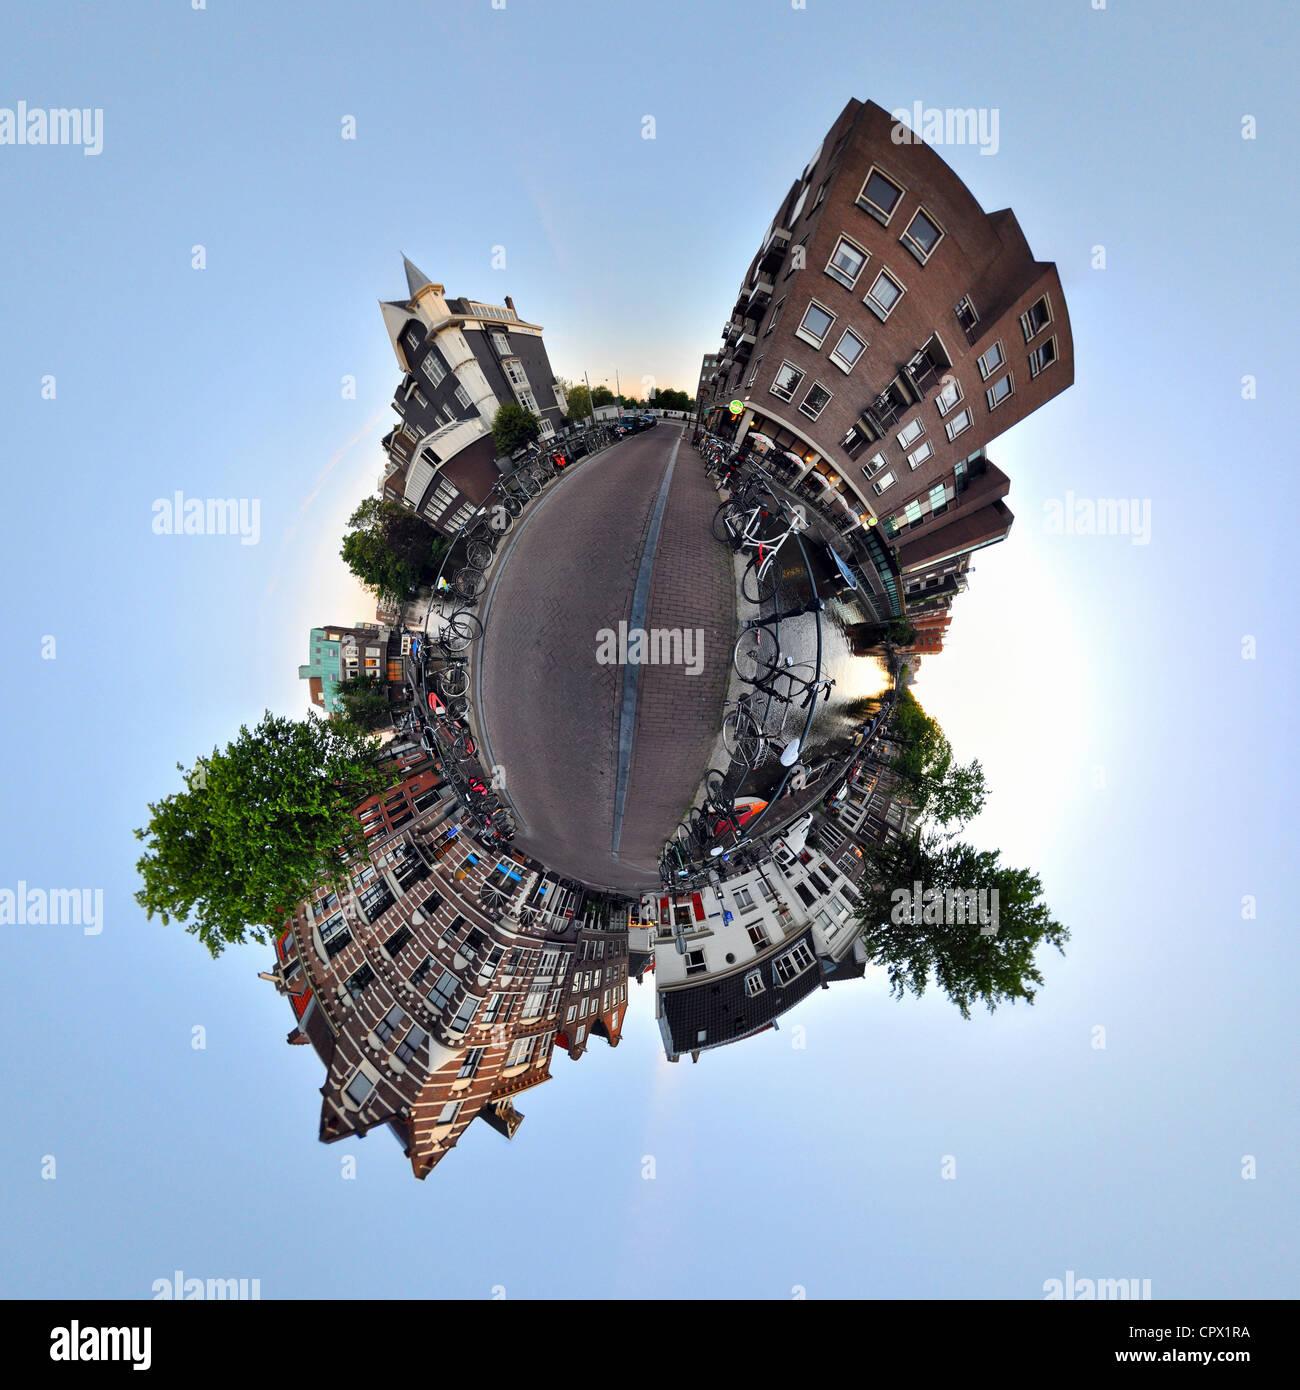 Lijnbaansgracht canal, Amsterdam, little planet effect - Stock Image